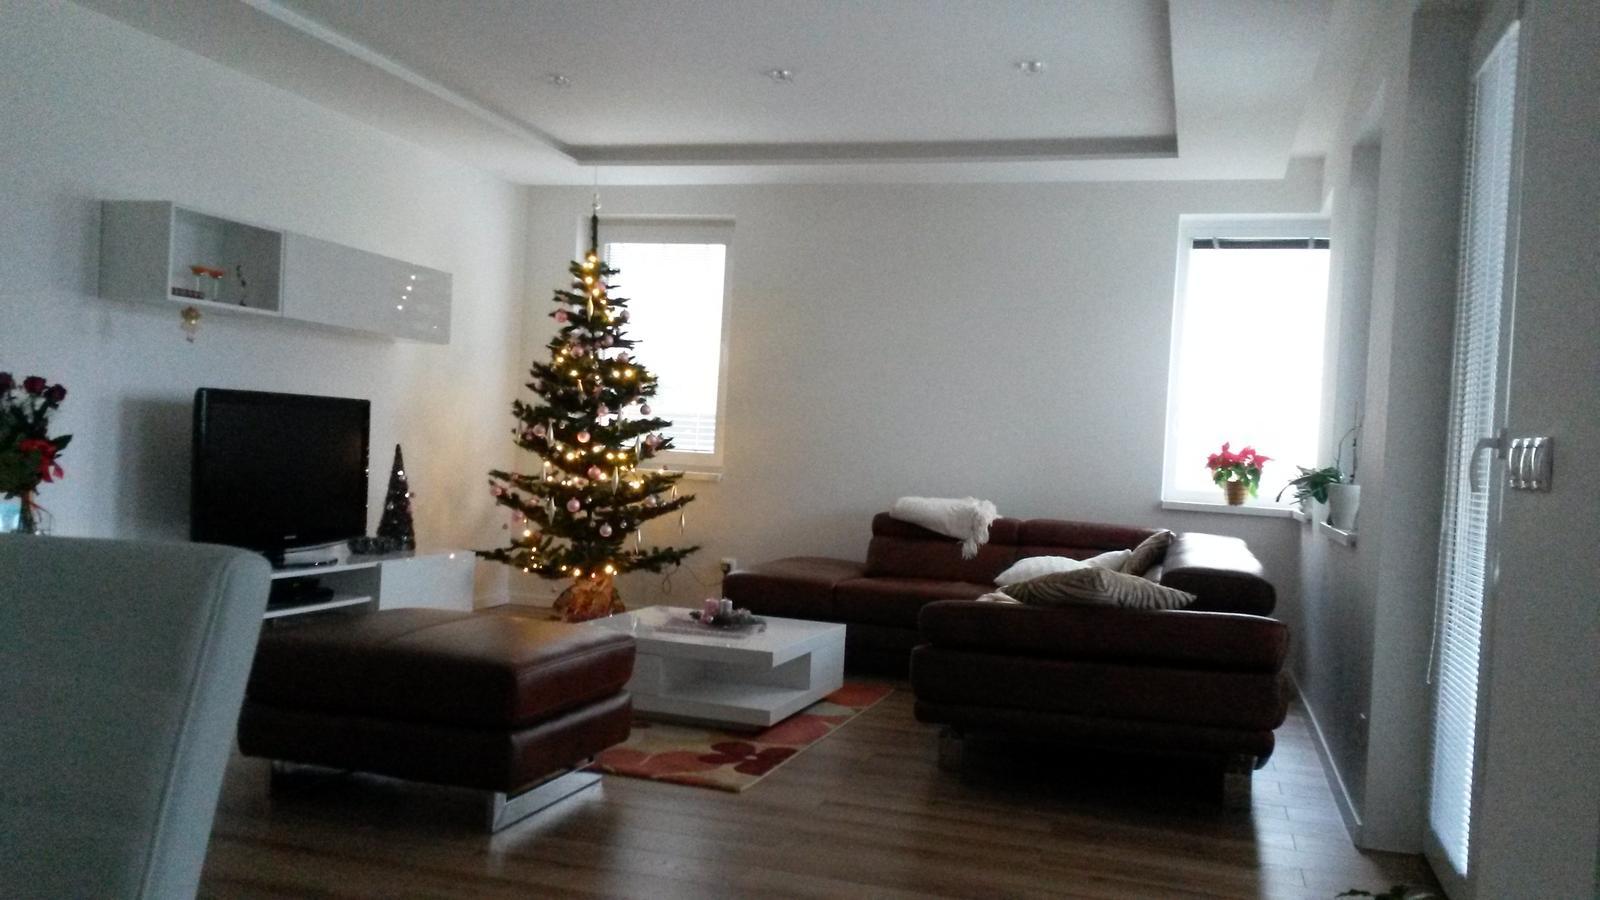 pribudli záclony - vianoce bez záclon